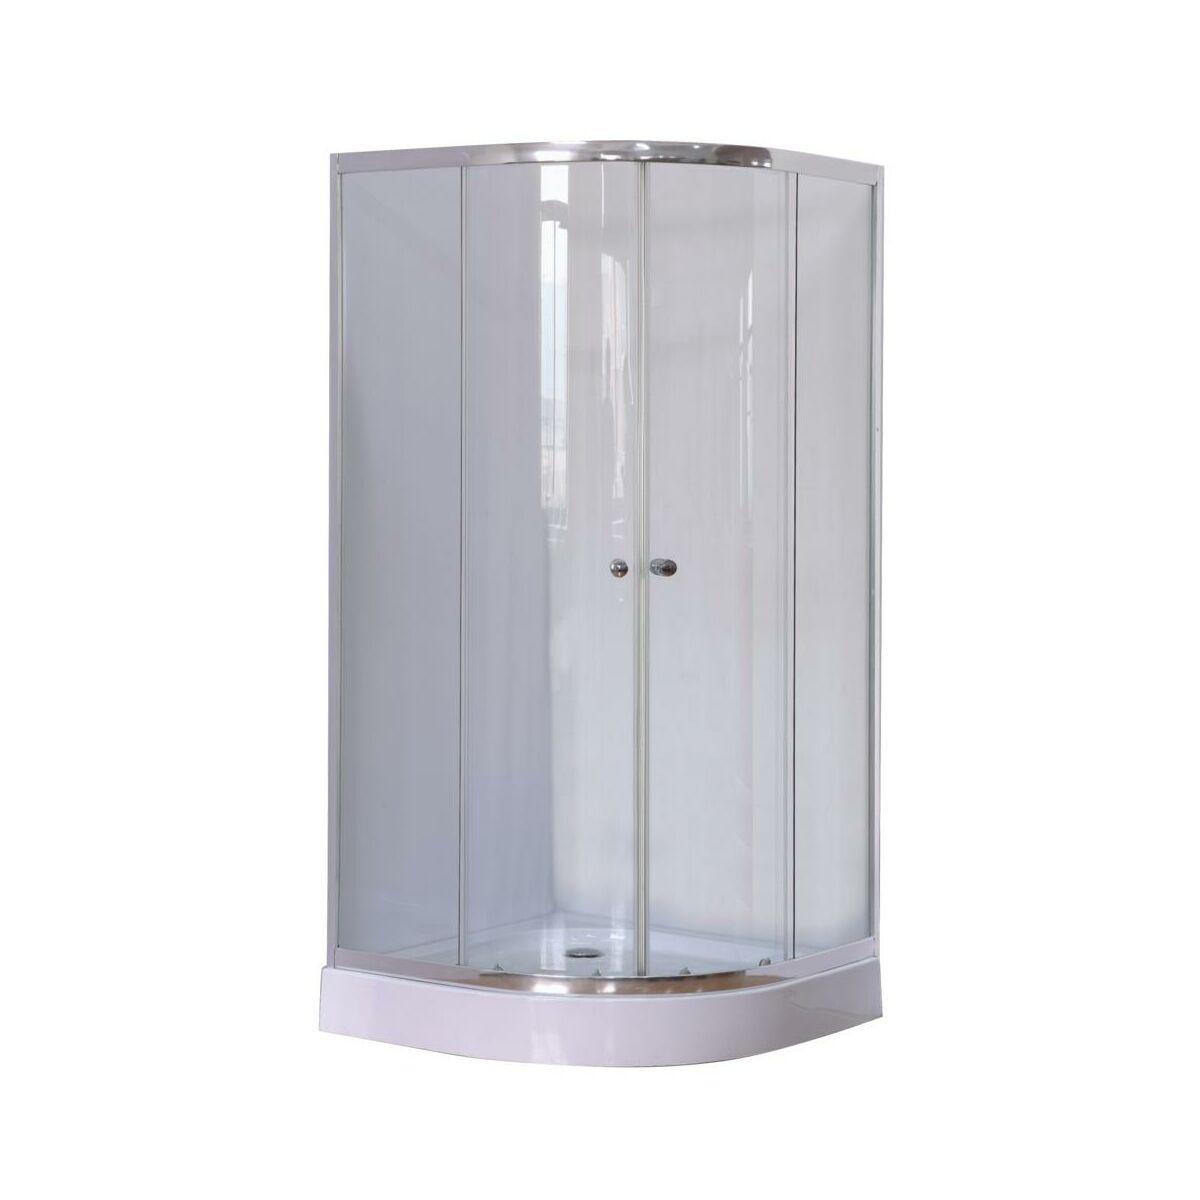 Kabina Prysznicowa 90 X 90 Tt120 Breezz Kabiny Prysznicowe W Atrakcyjnej Cenie W Sklepach Leroy Merlin